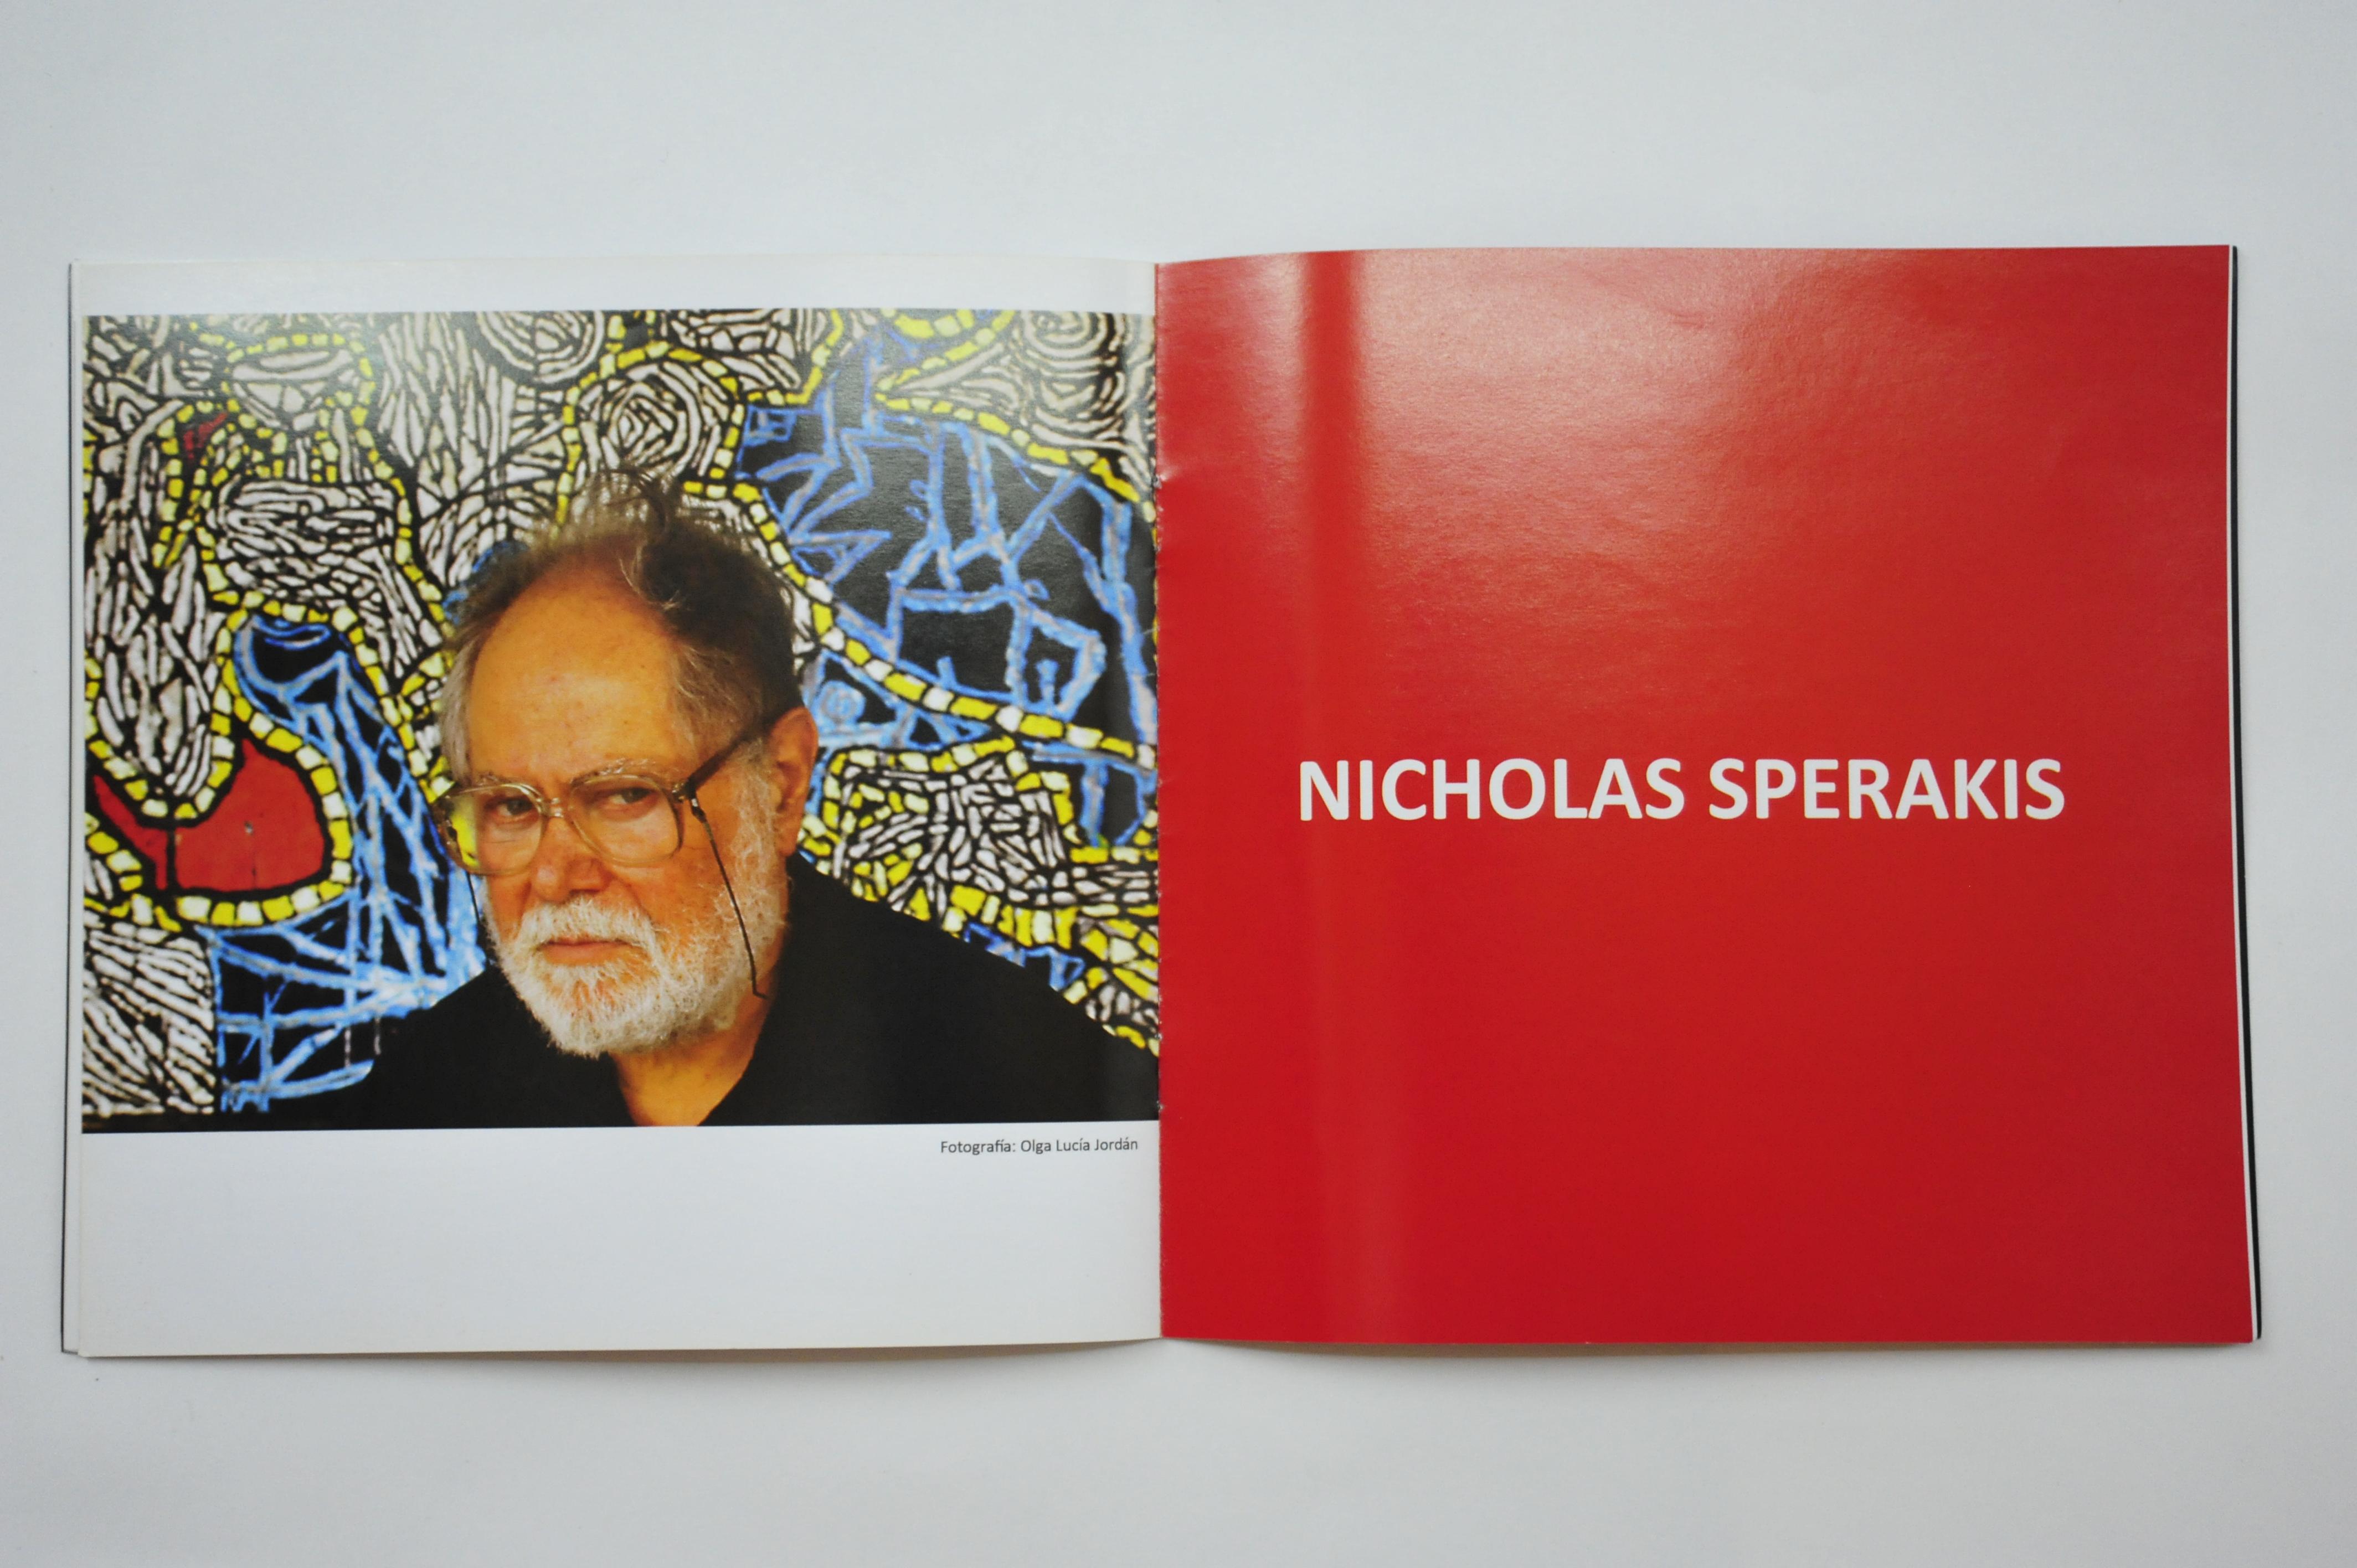 Brochure design - Nicholas Sperakis